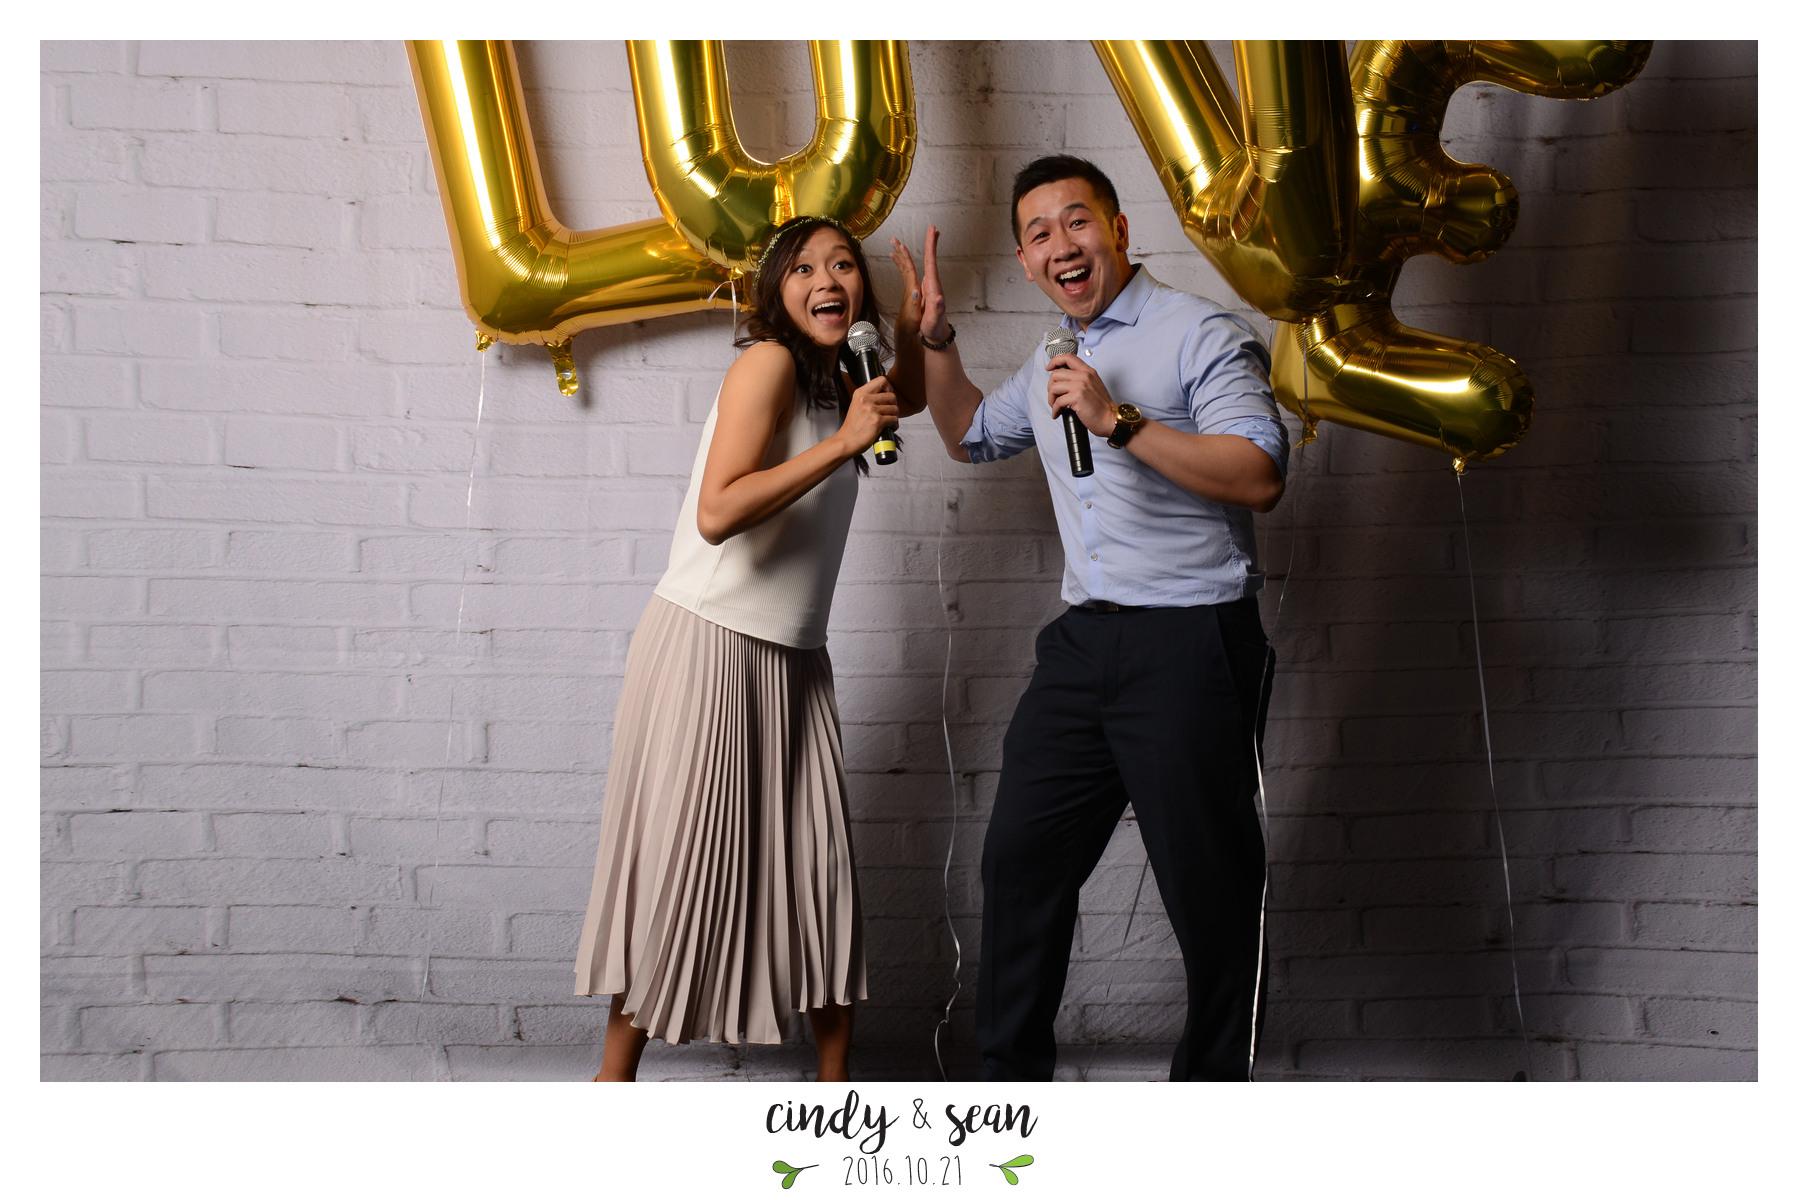 Cindy Sean Bae - 0001-188.jpg